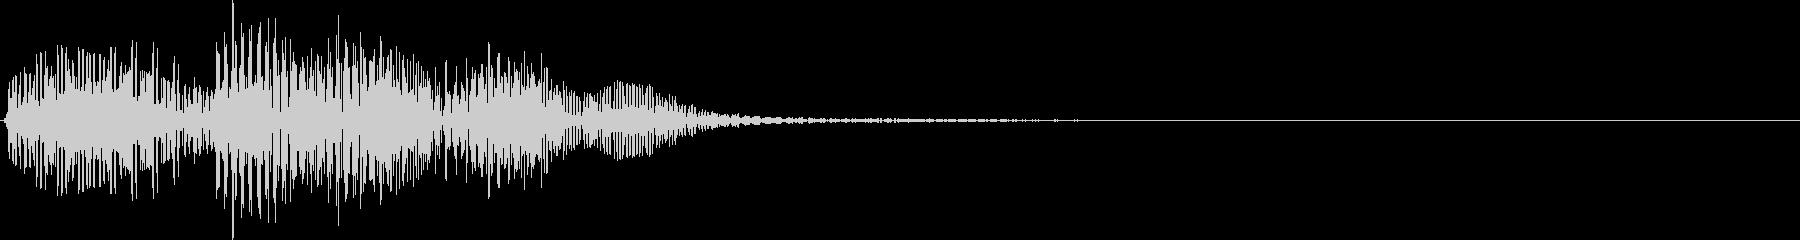 ピロン・決定音・選択音・シンプルの未再生の波形